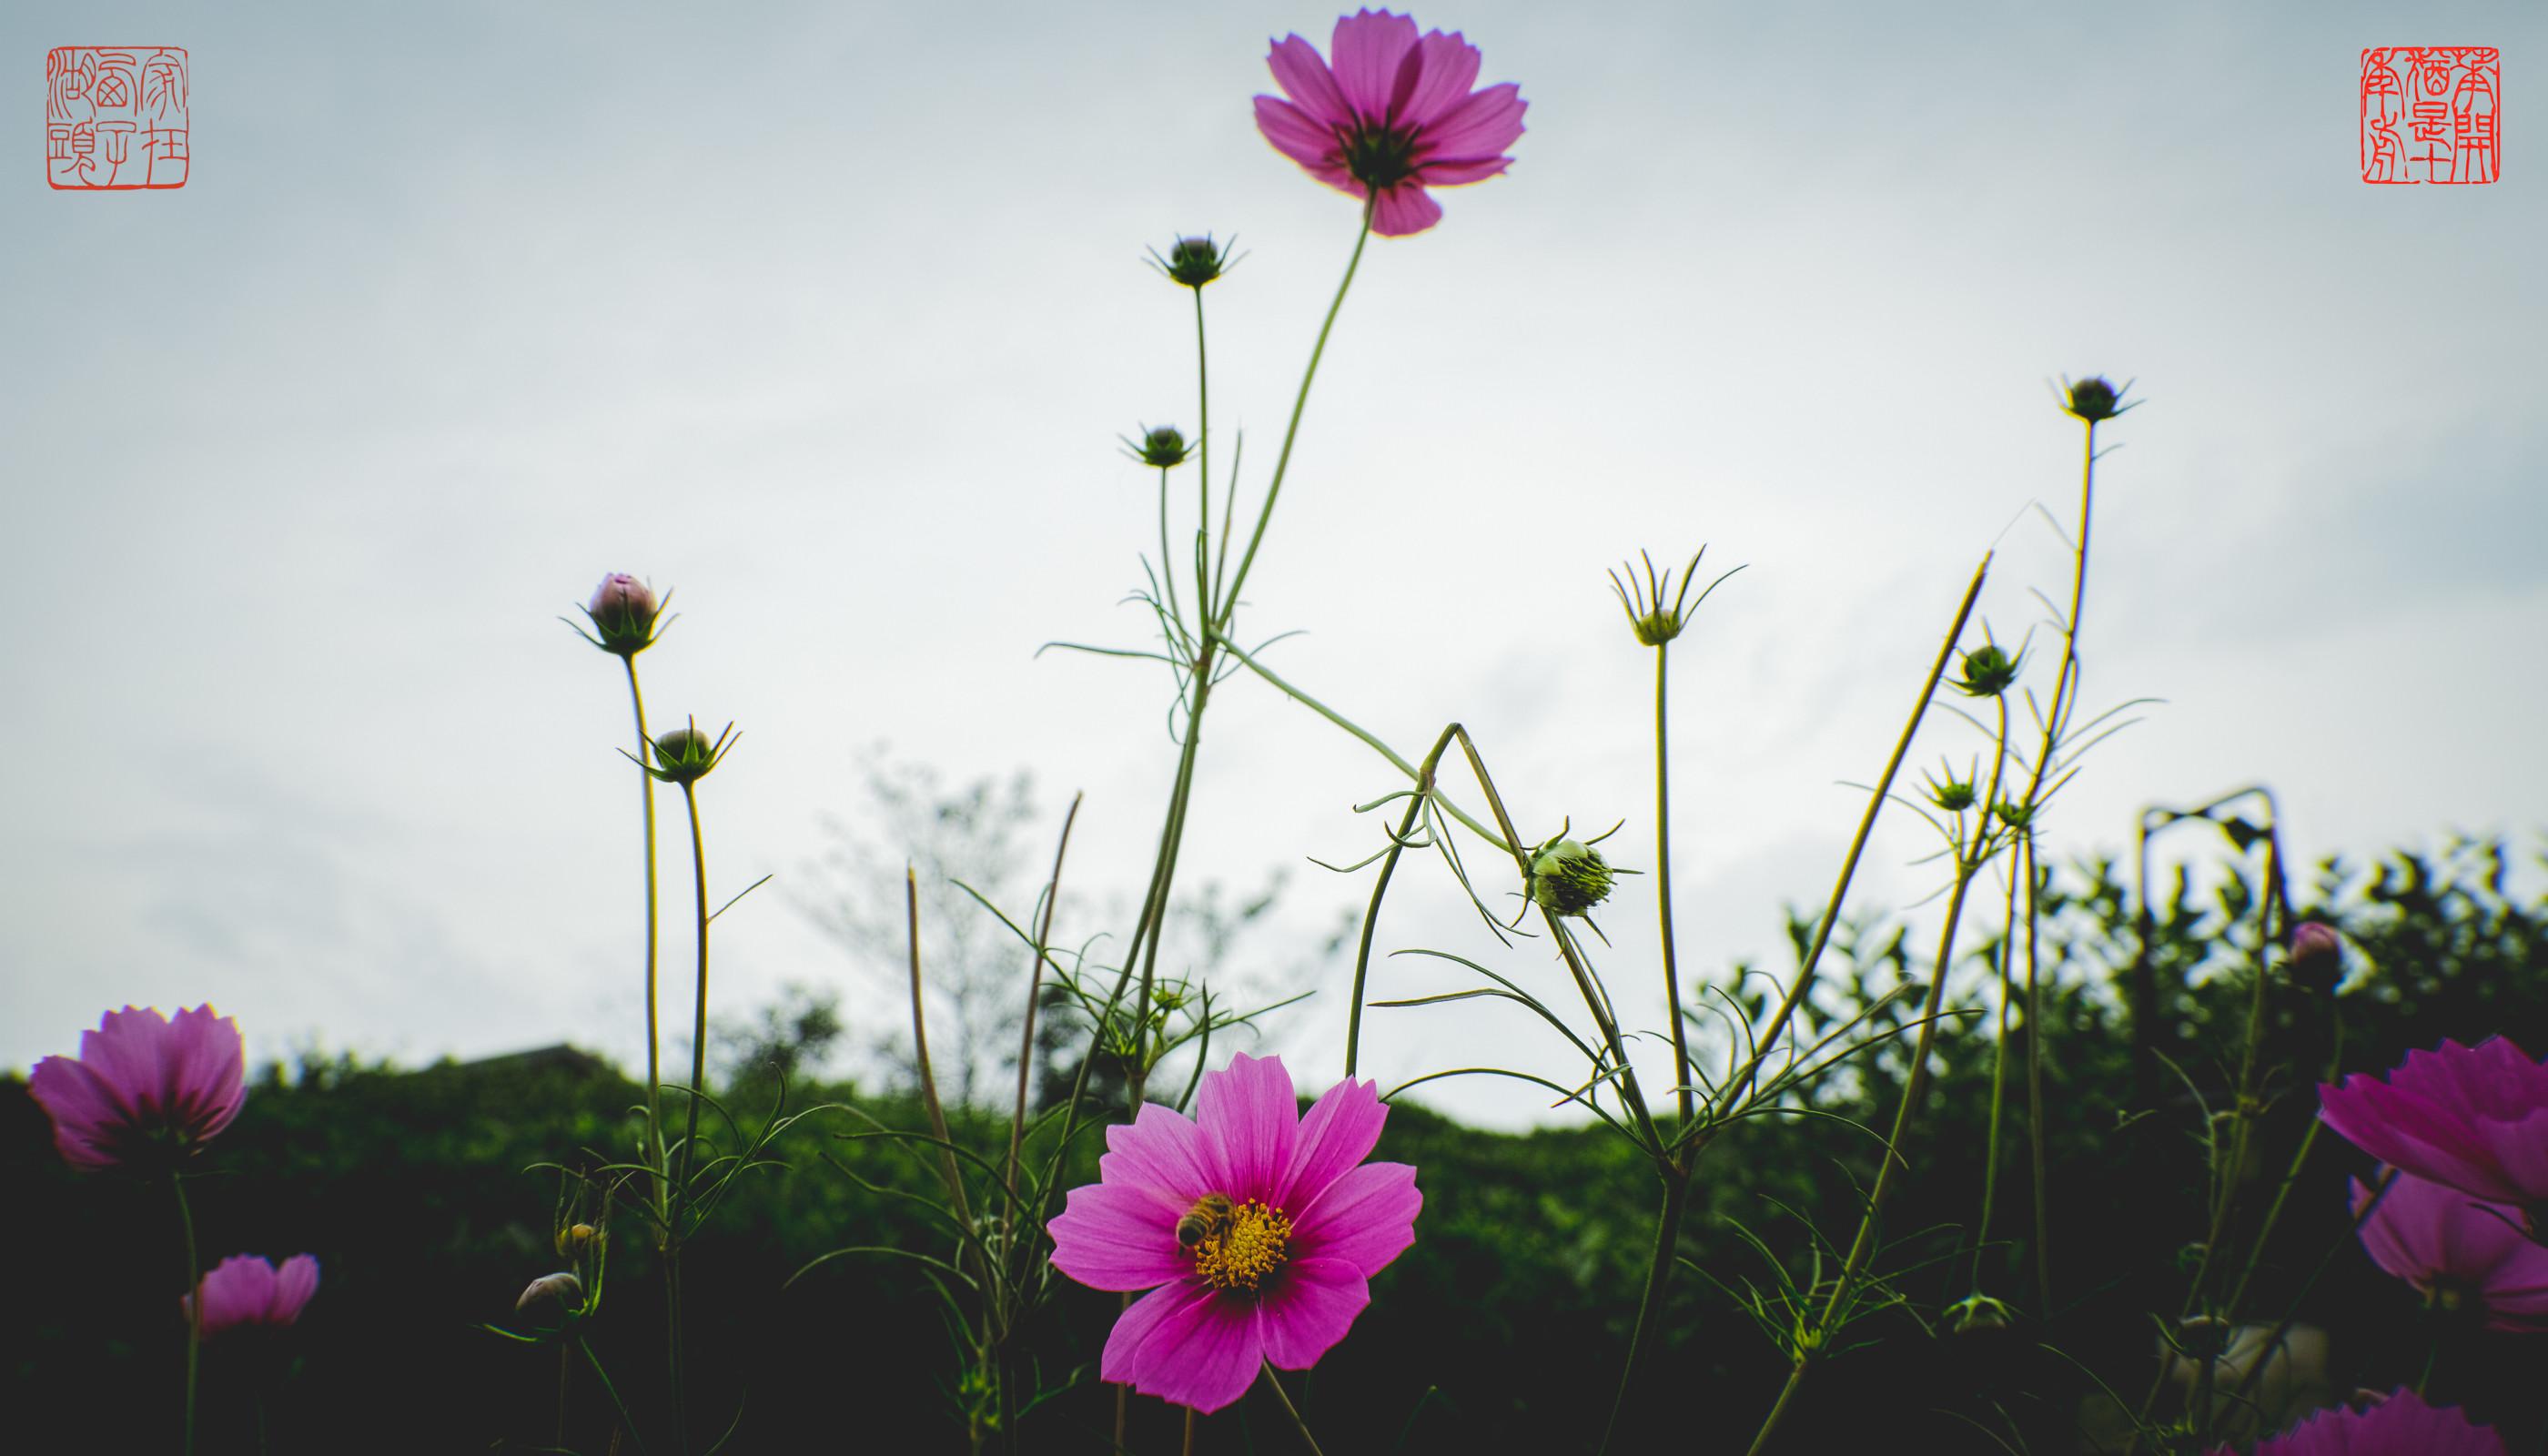 красивые картинки с цветами для фона